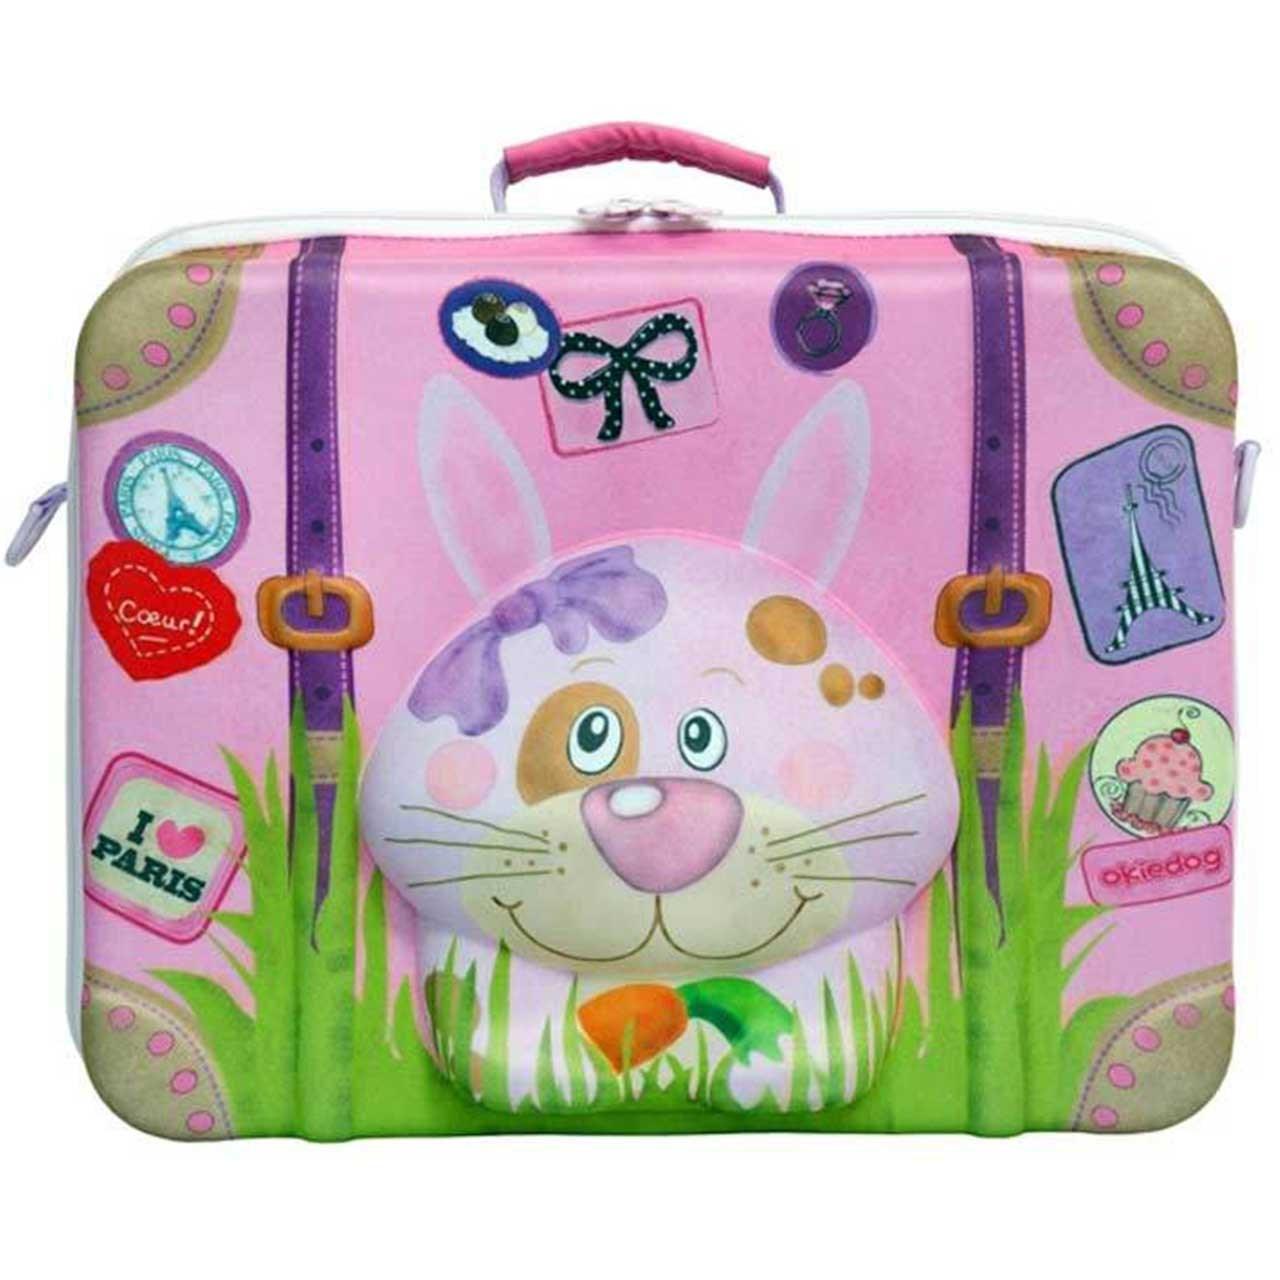 چمدان کودک اوکی داگ مدل 80009